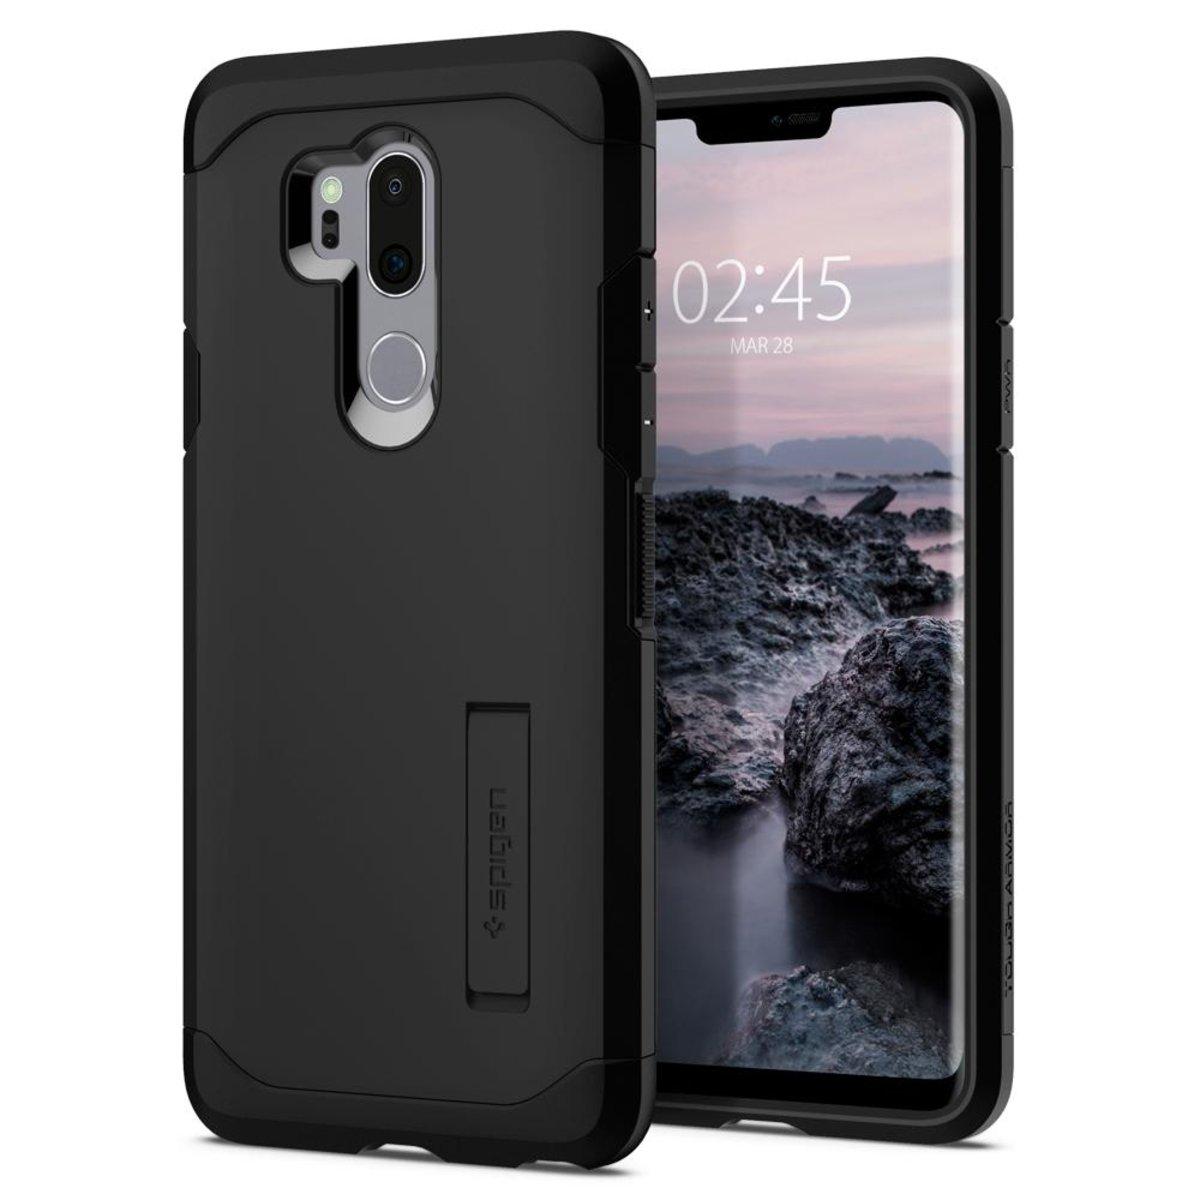 premium selection 05a48 b4a47 Spigen | LG G7 ThinQ Case Tough Armor | Color : Black | HKTVmall ...